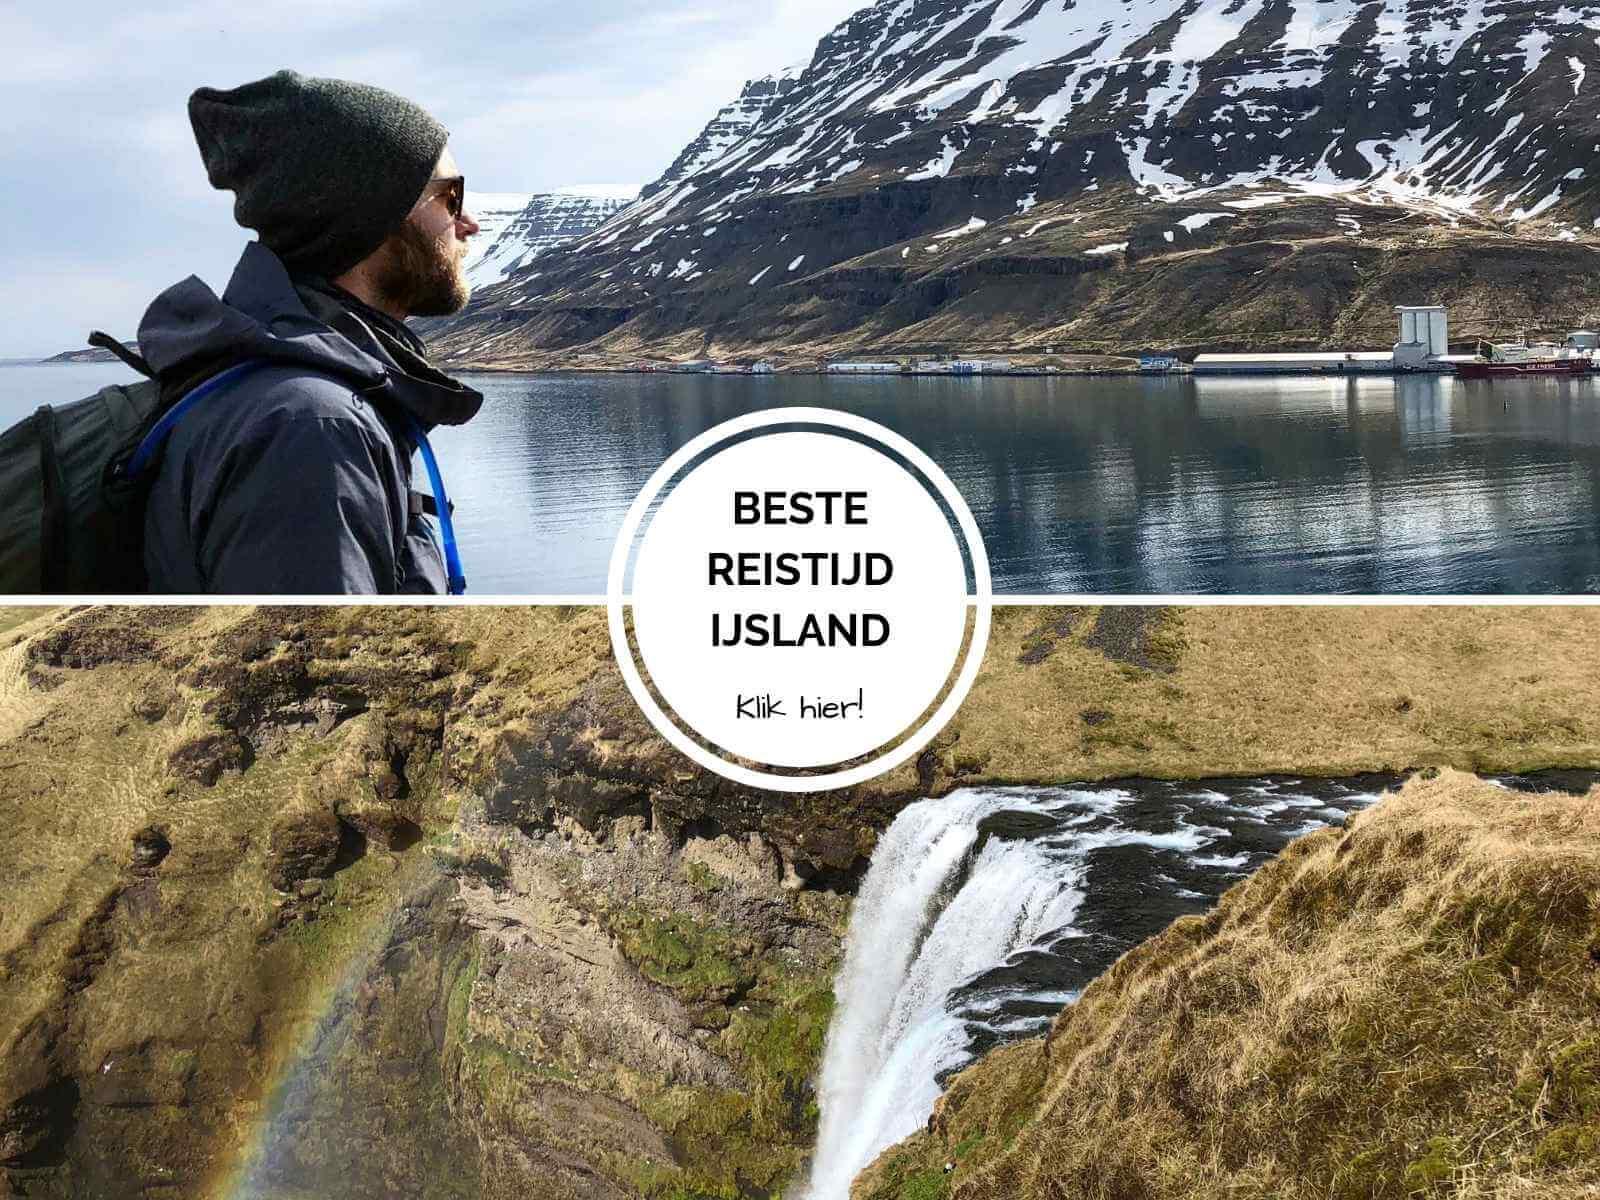 beste reistijd voor ijsland